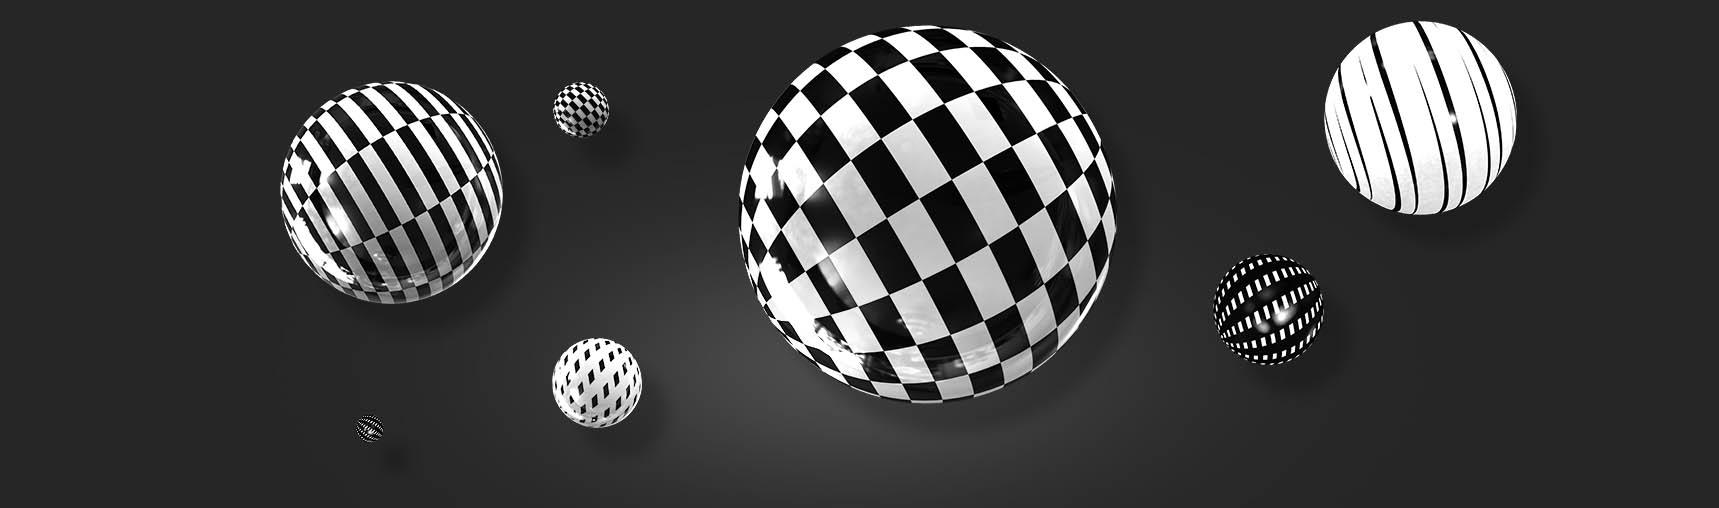 Free 3D Sphere Renders